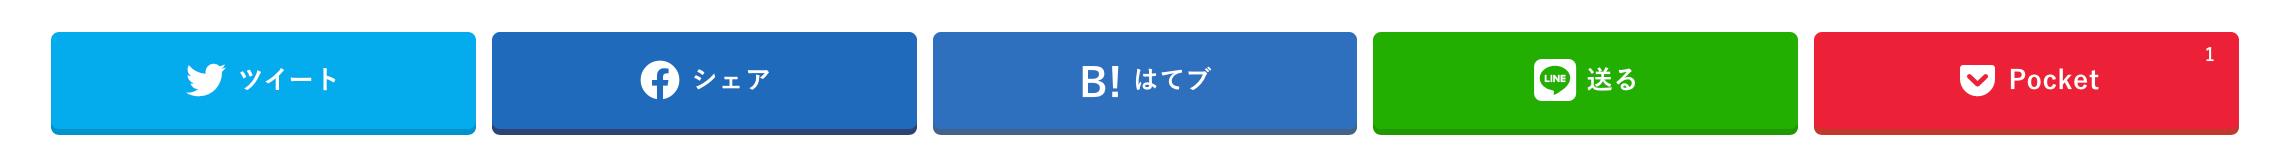 STORK19!SNSシェアボタンのカスタマイズCSS!!